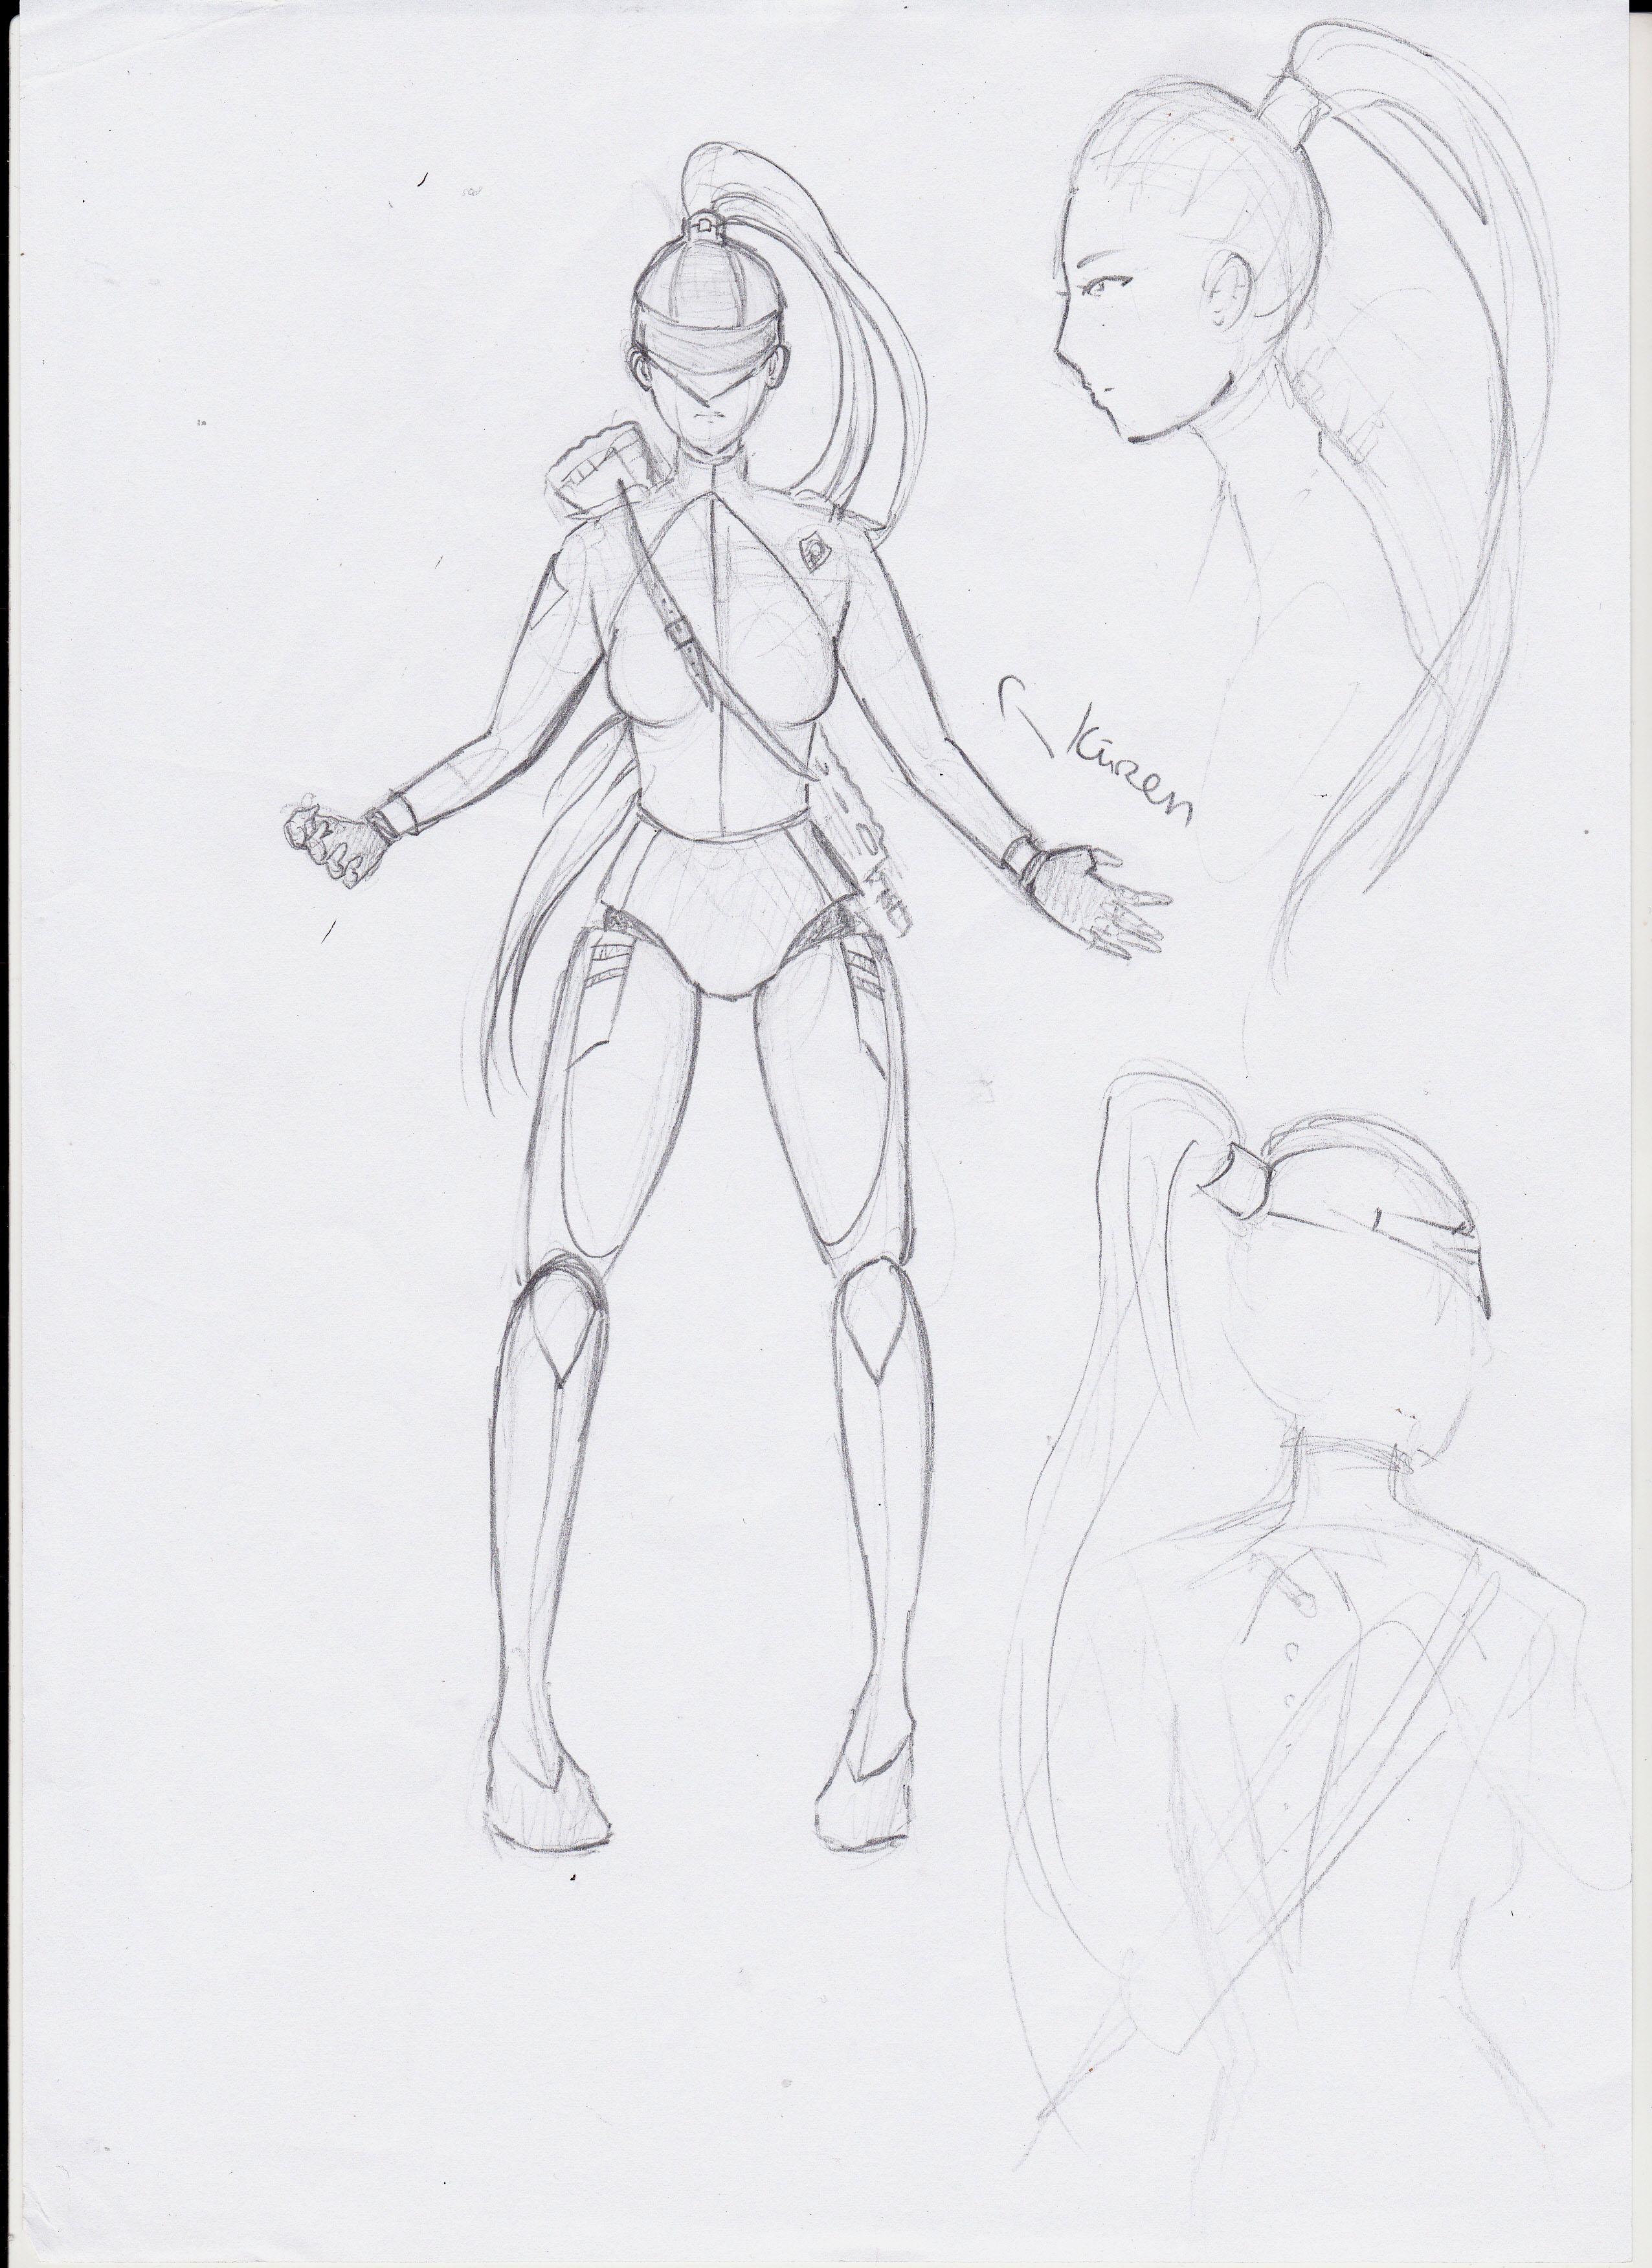 Cyborg Girl - Entwicklungsprozess 01